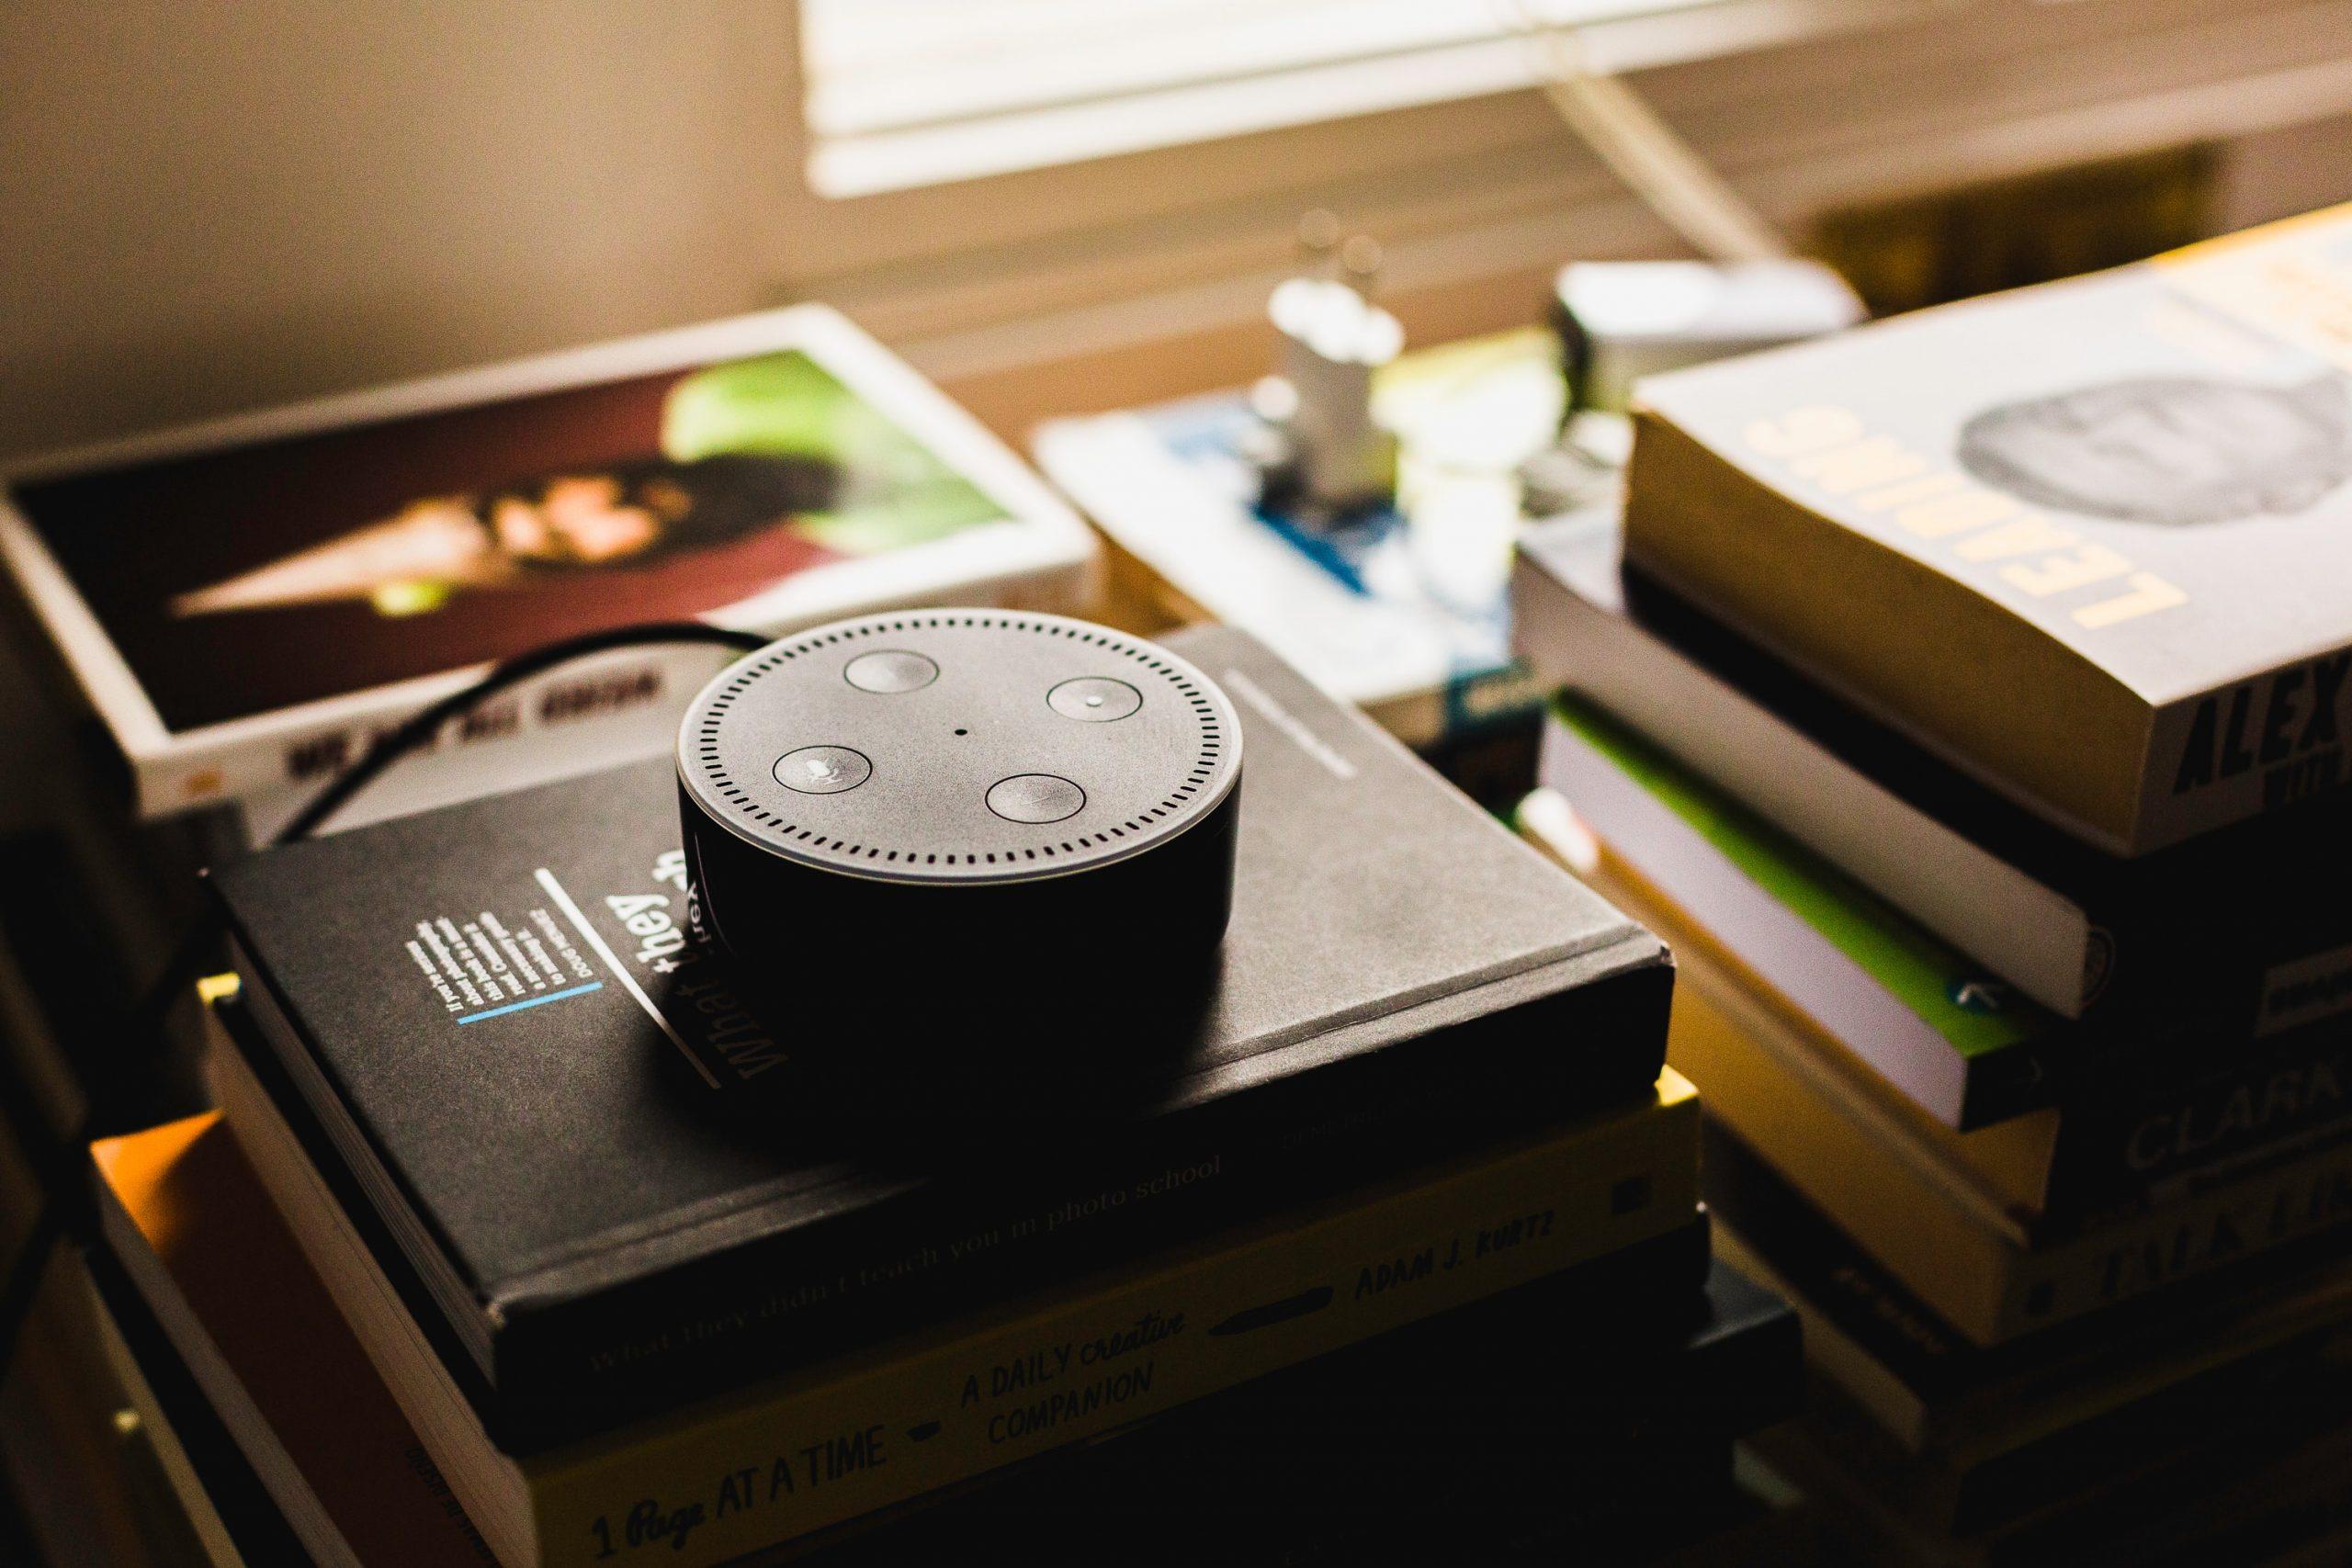 Imagem mostra uma caixa de som de um Amazon Echo sobre uma pilha de livros.